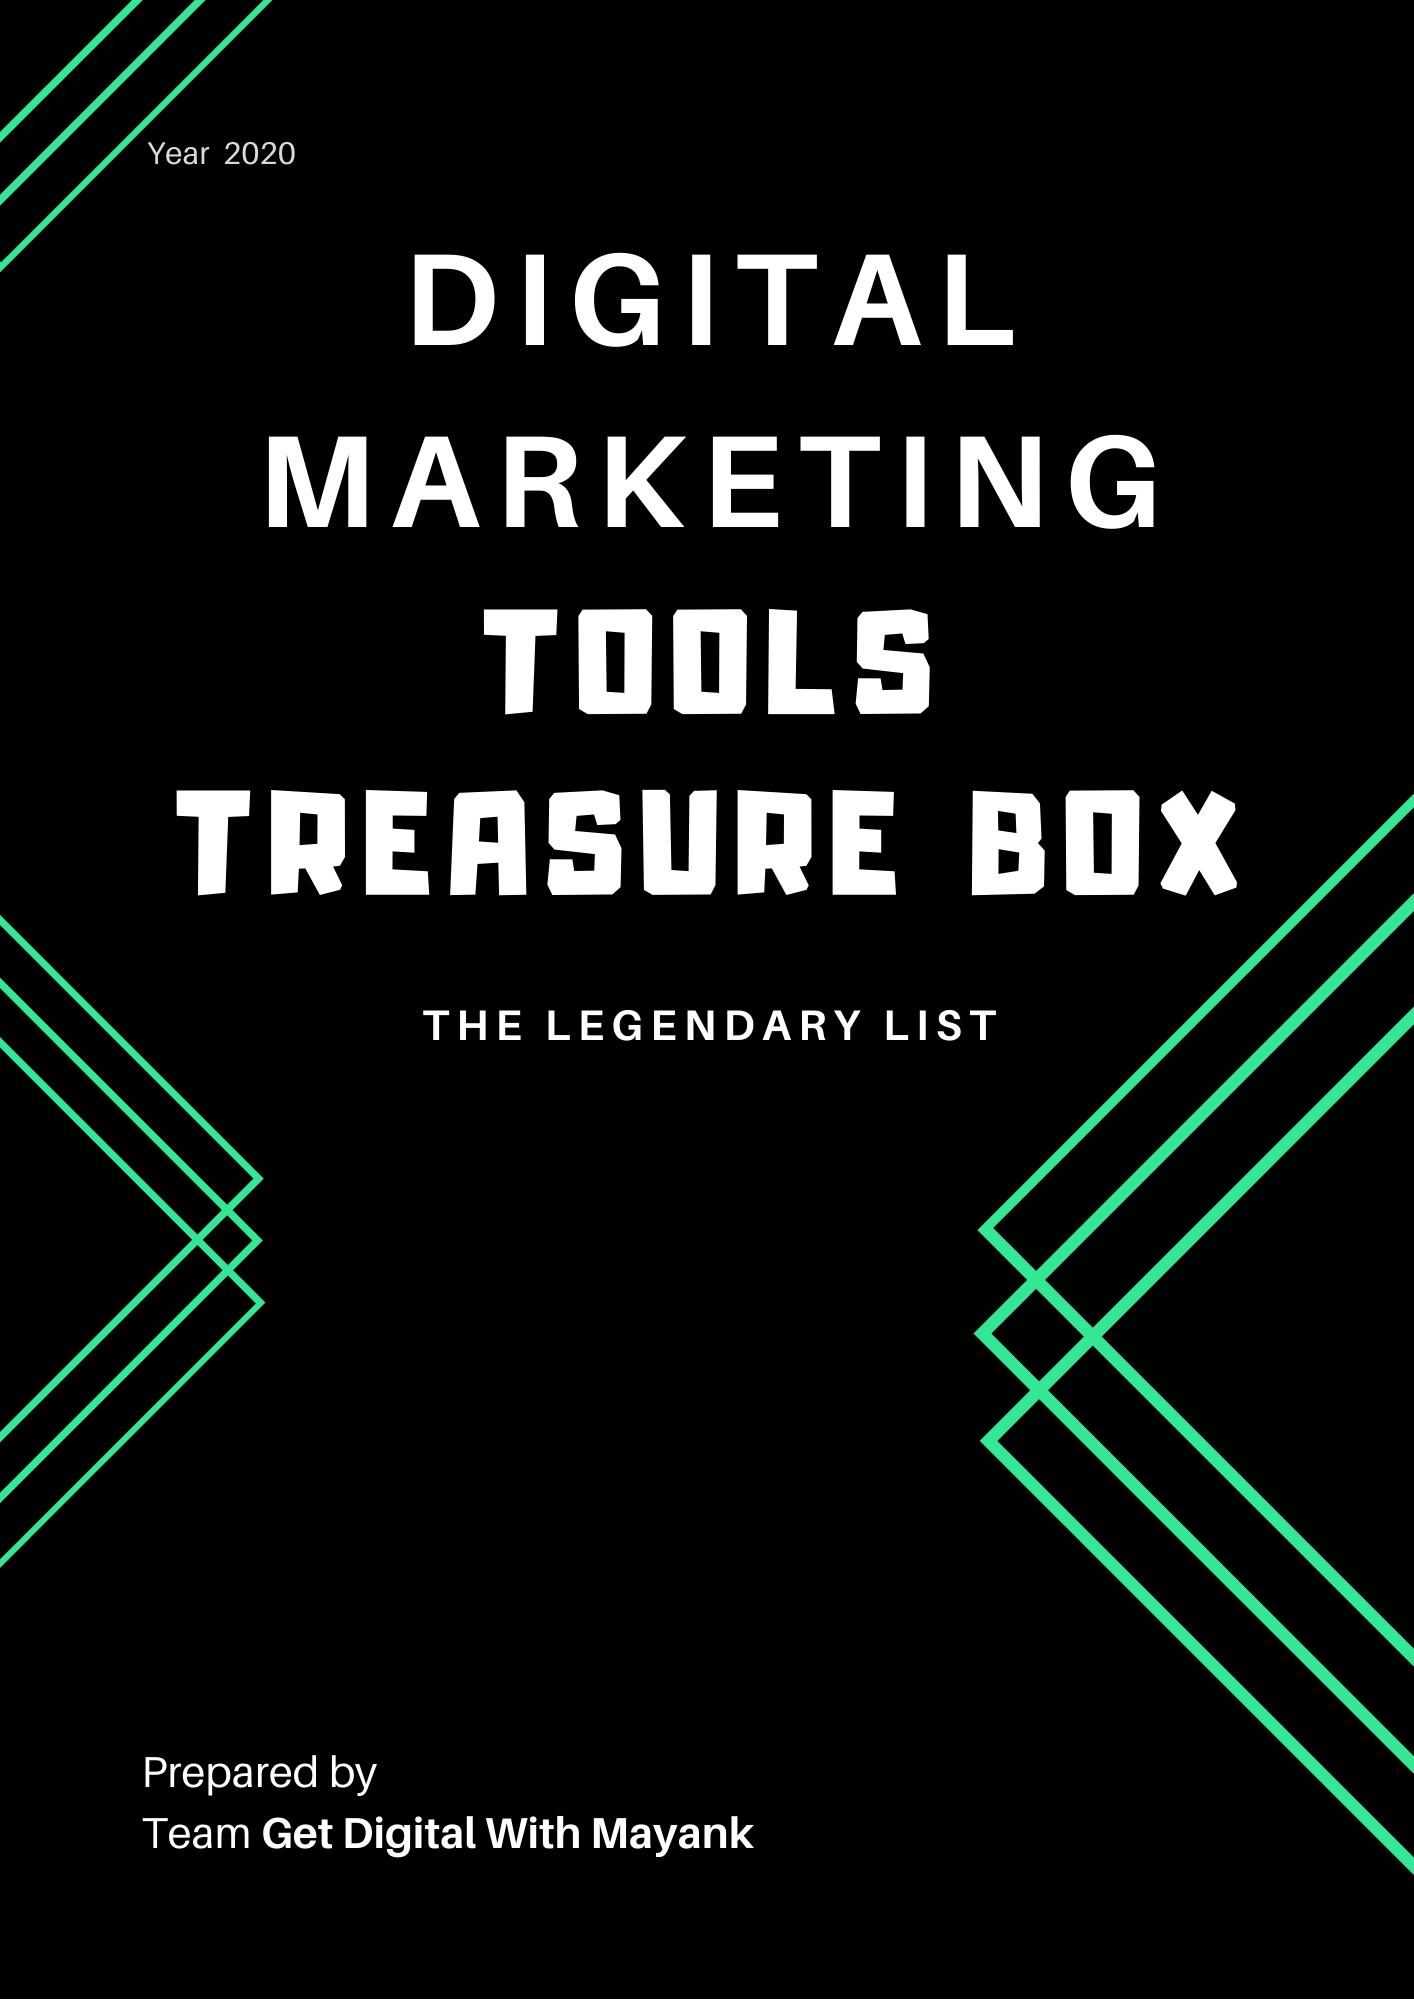 Digital Marketing Legendary Tool List by Get Digital With Mayank